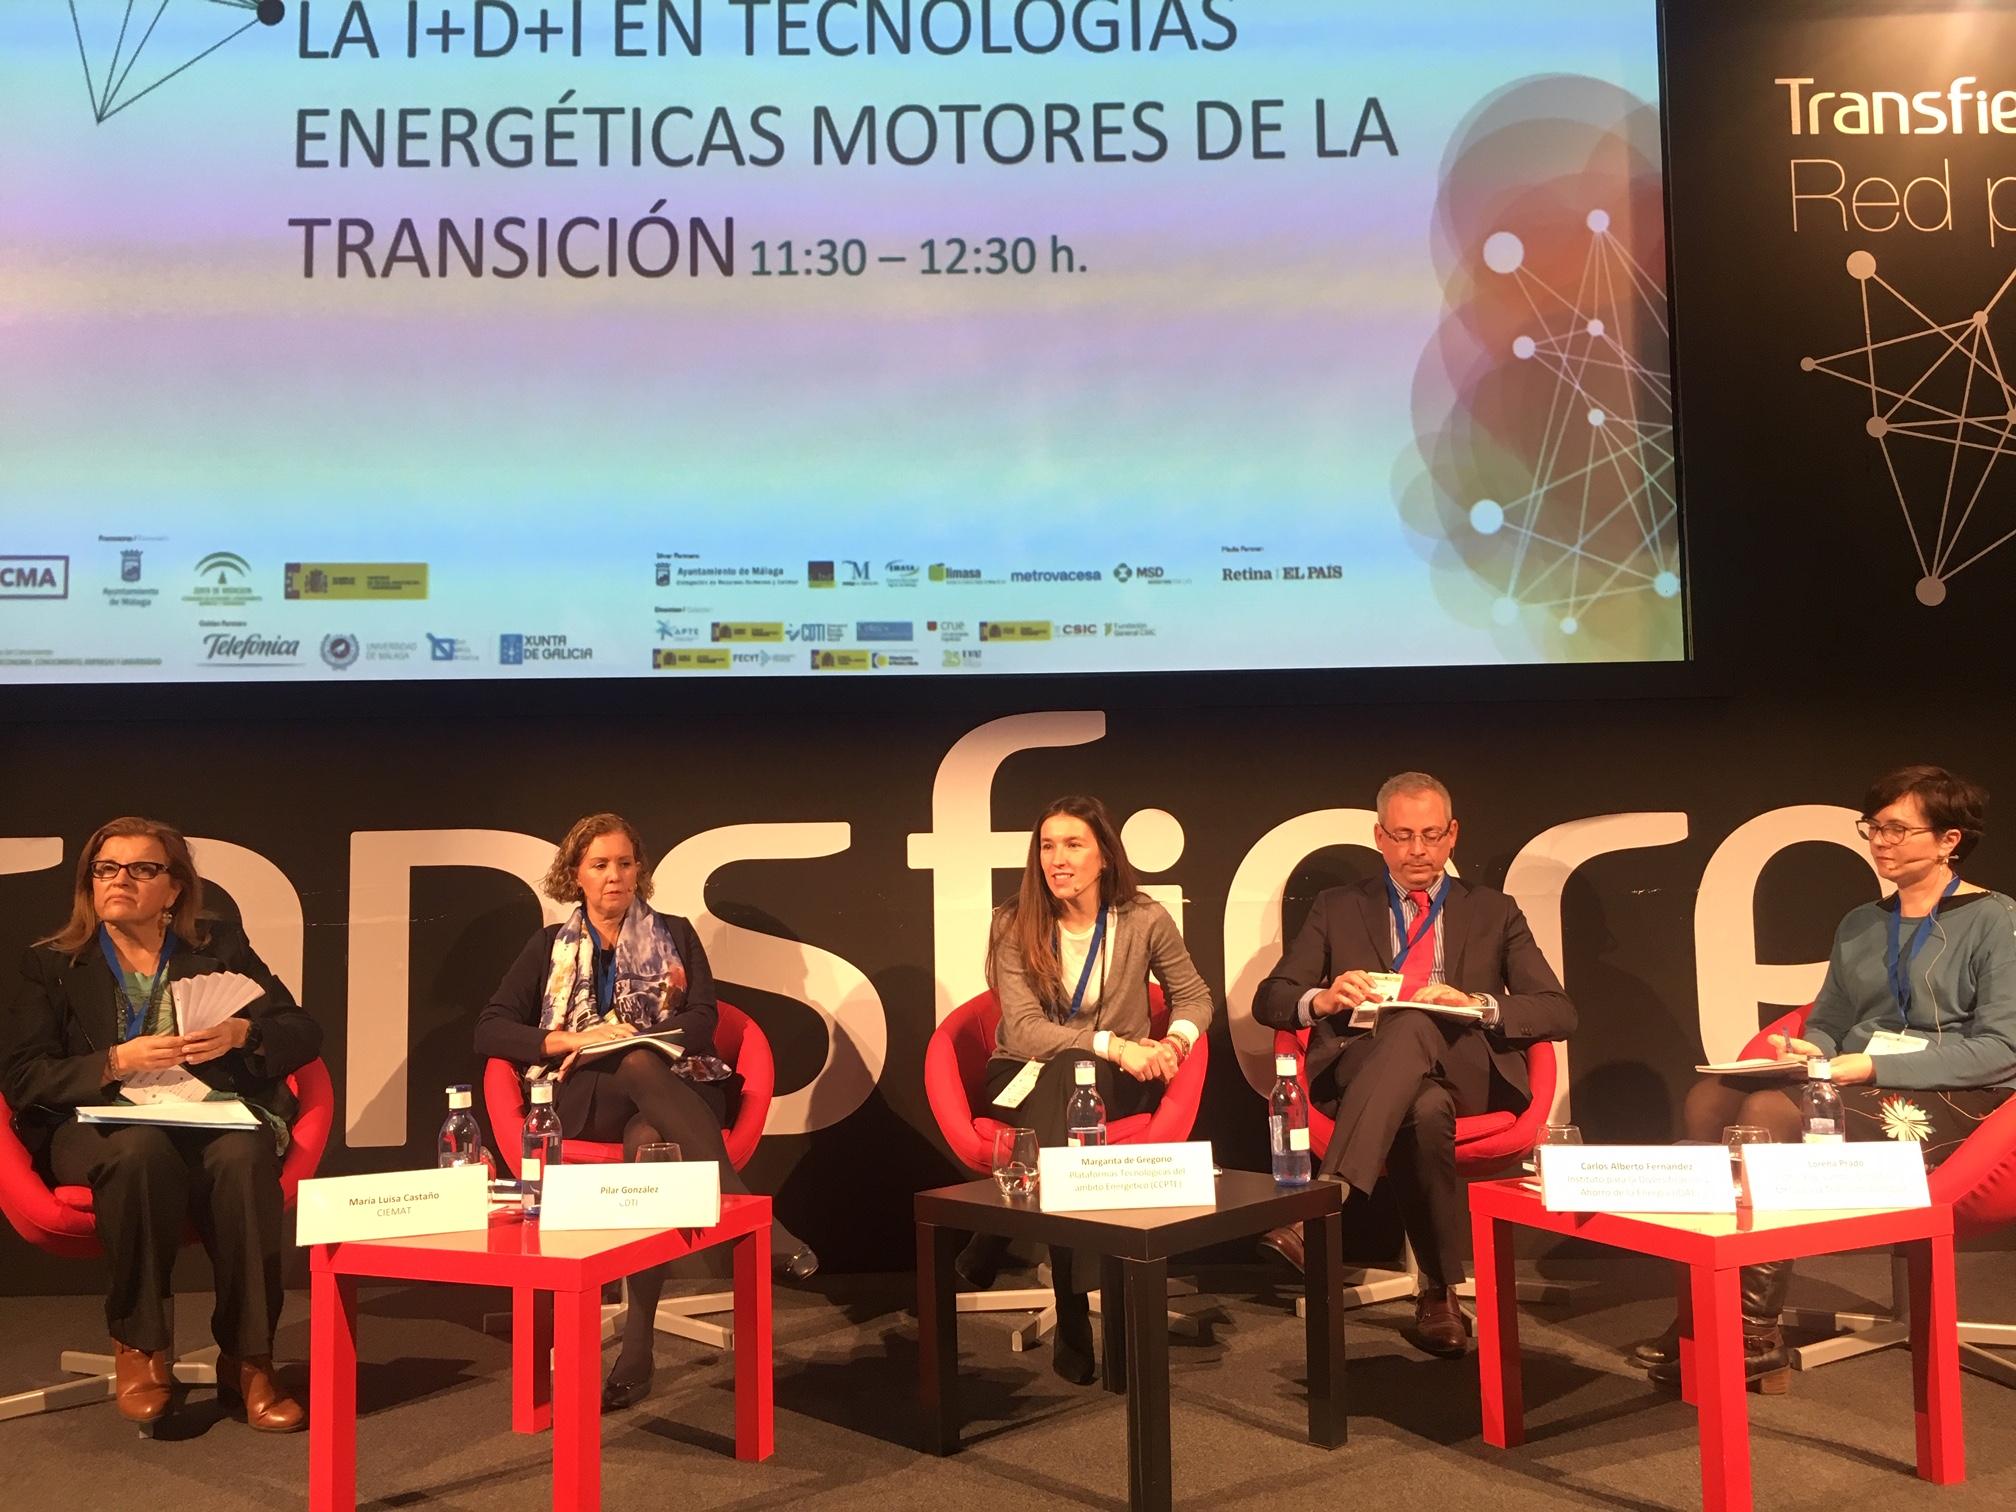 BIOPLAT y GEOPLAT participan en la Mesa Redona 'La I+D+i en las tecnologías energéticas motores de la transición' en TRANSFIERE 2019